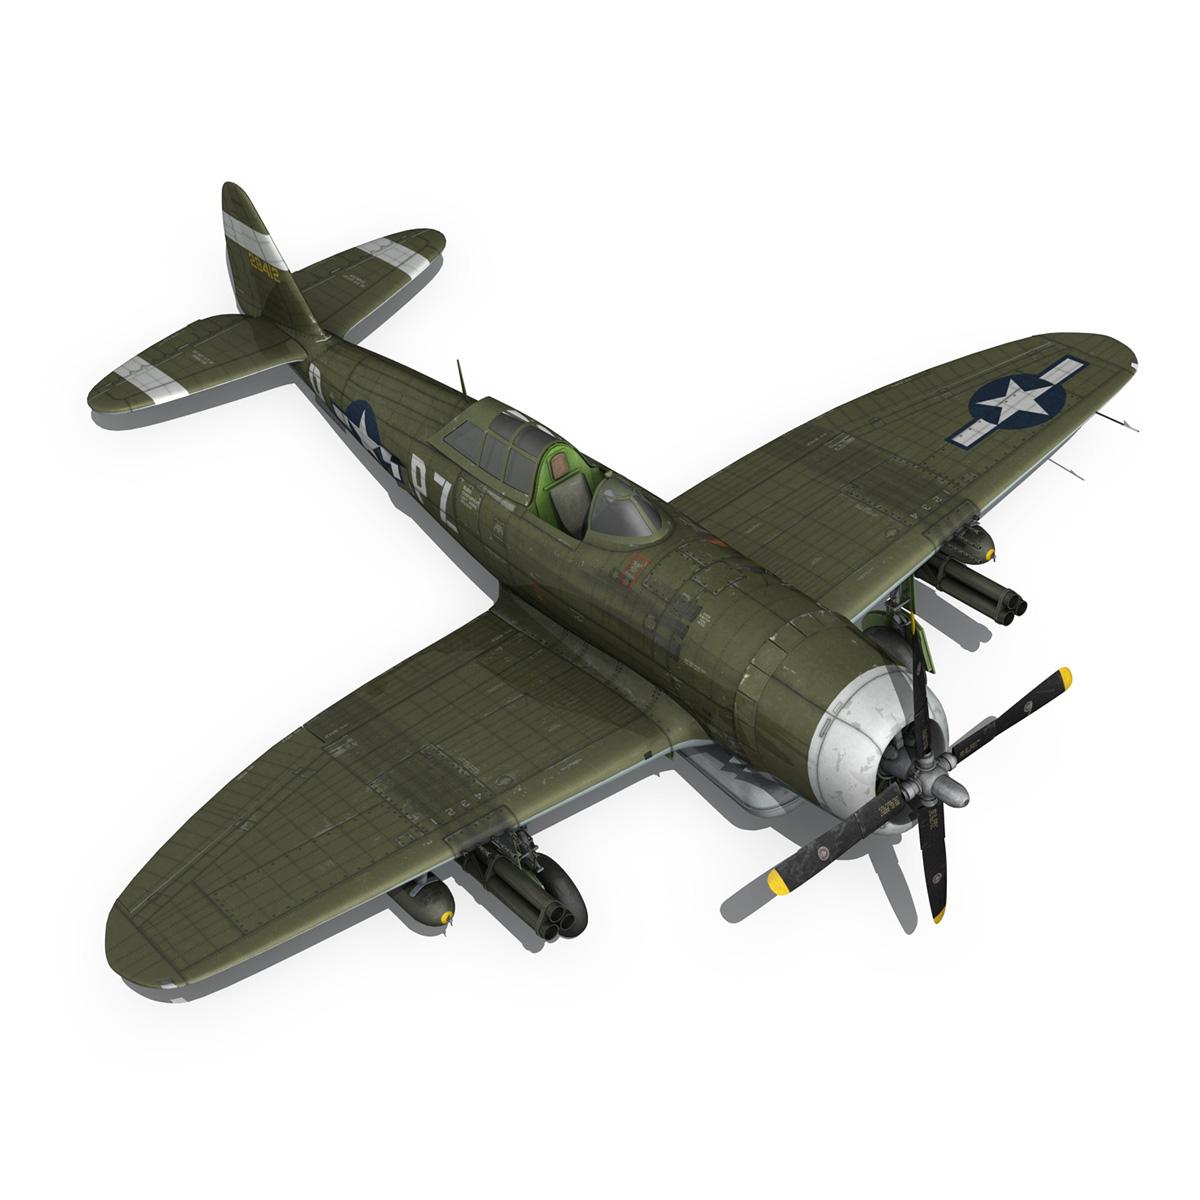 republic p-47d thunderbolt – sweetie – pz-r 3d model 3ds fbx c4d lwo obj 281848